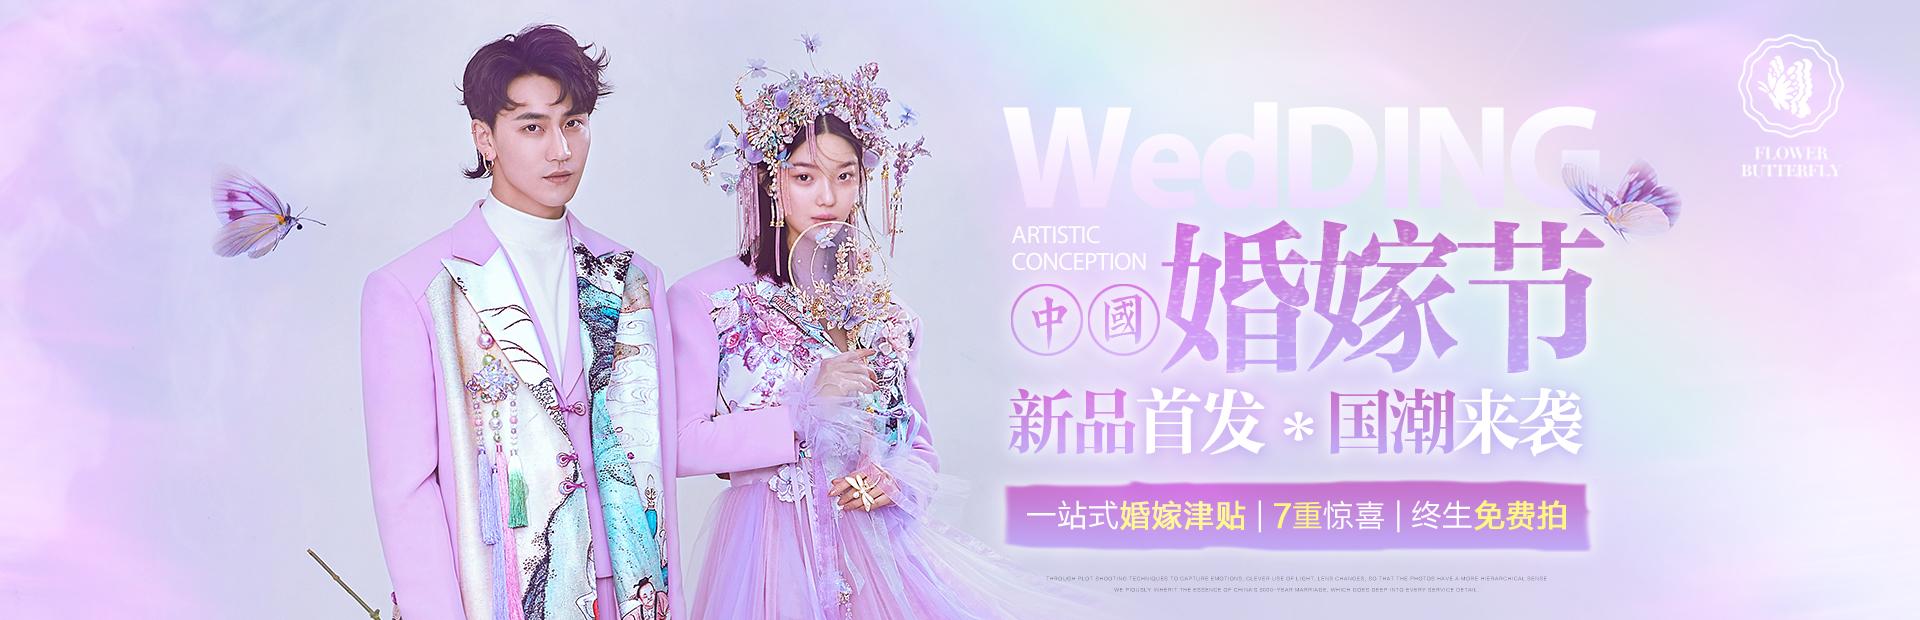 中国婚嫁节,新品发